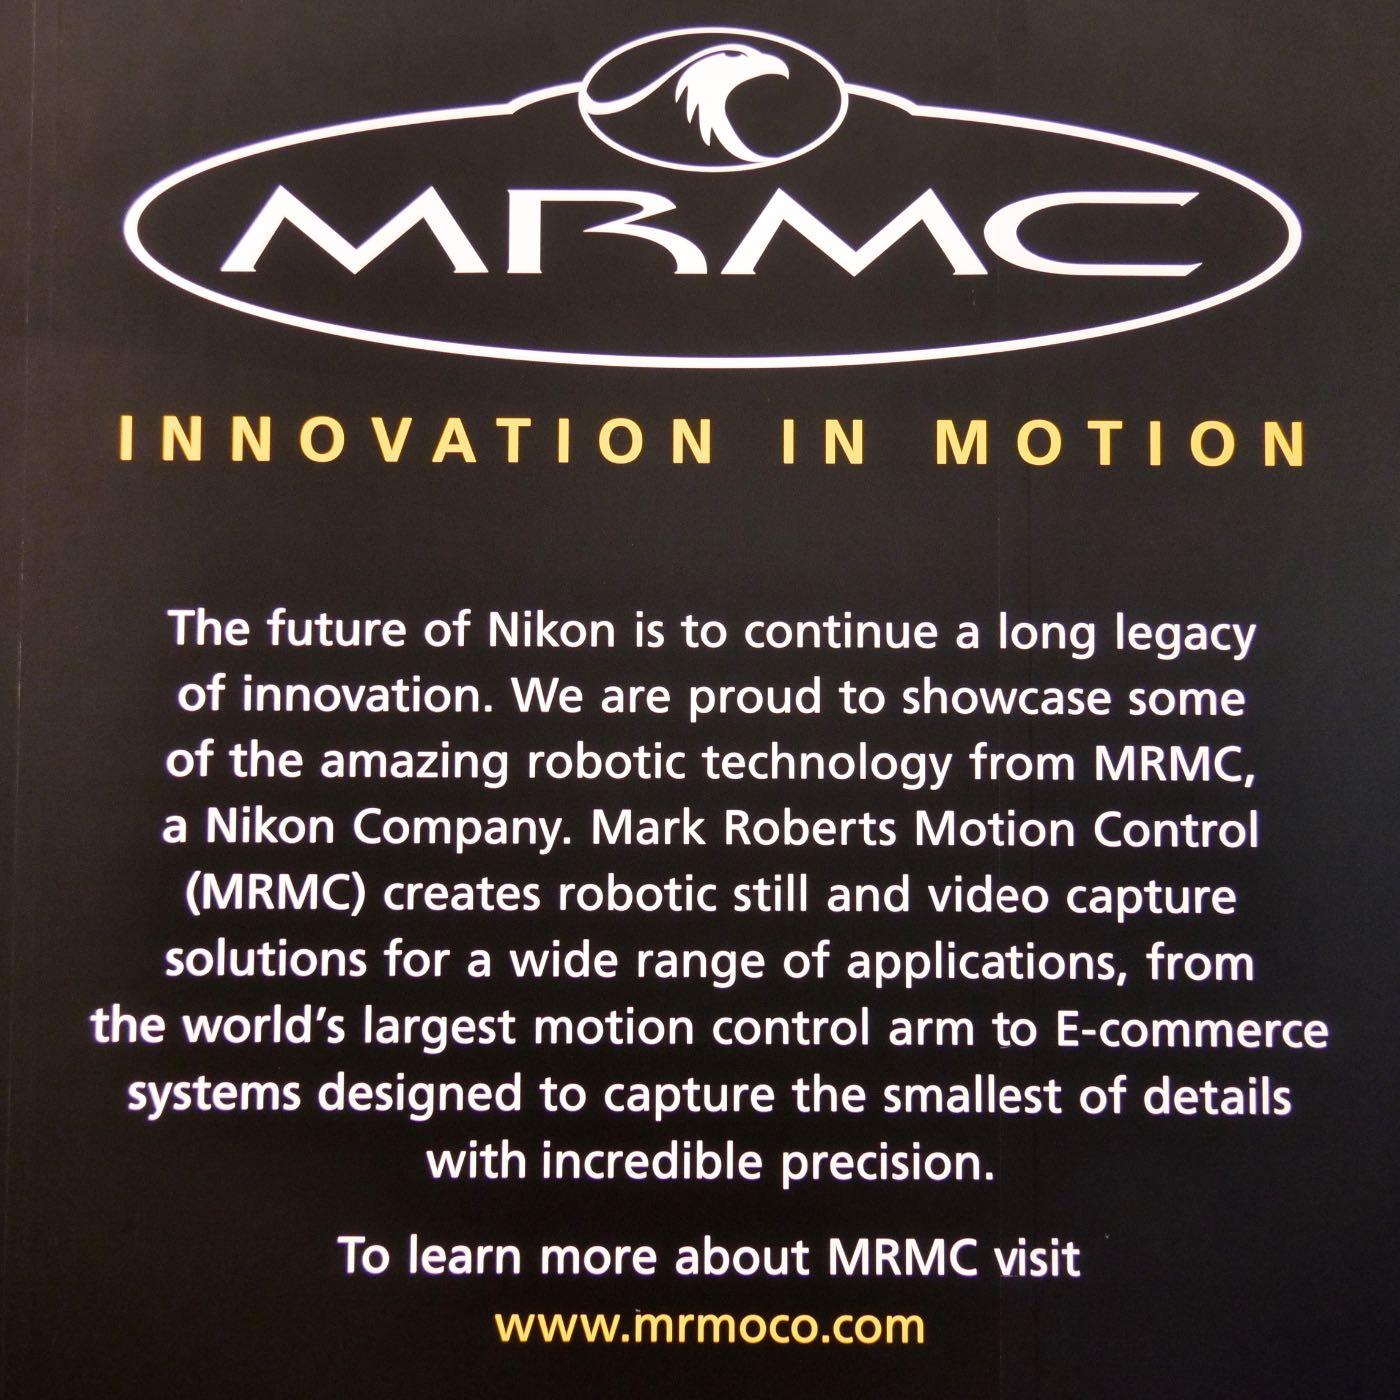 MRMC explanatory placard